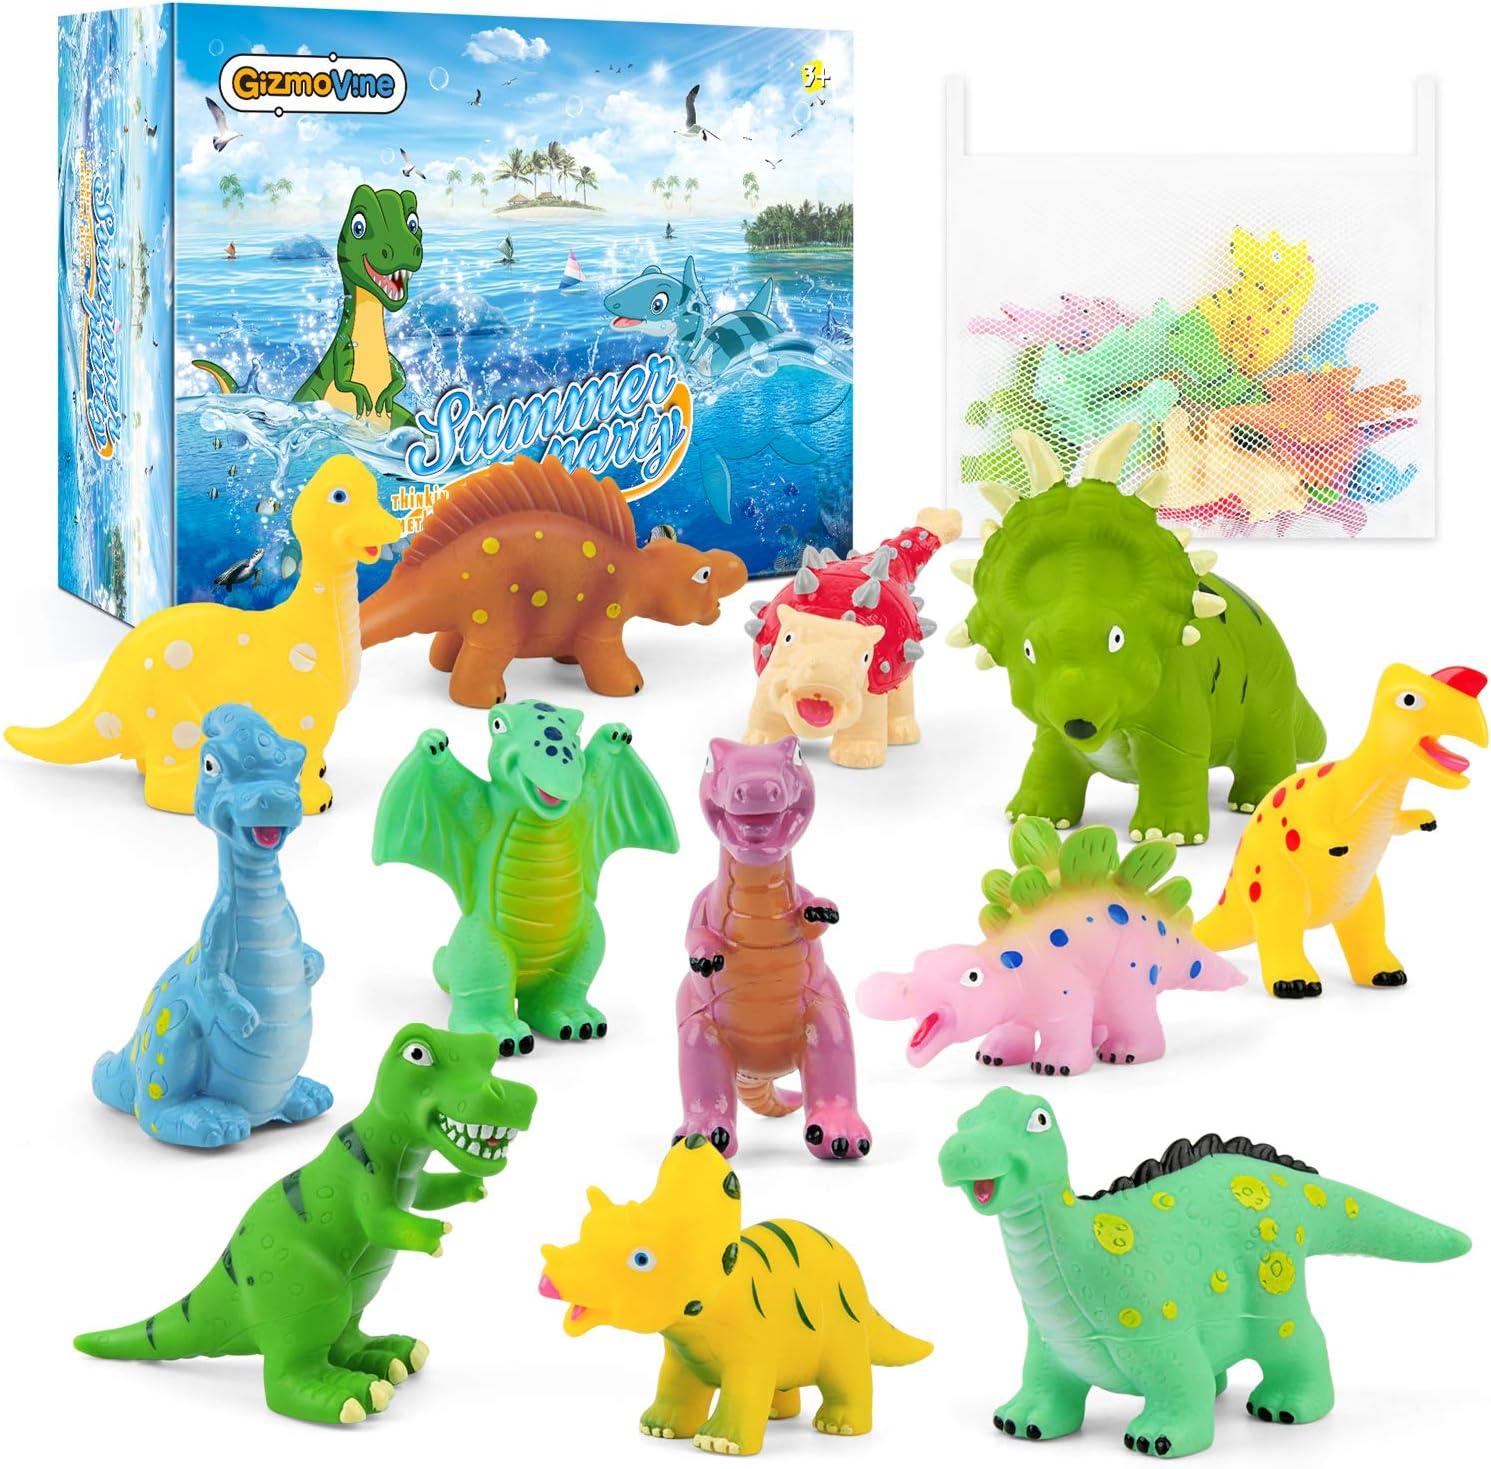 GizmoVine Juguete de Baño Juguetes Animales de Dinosaurios, Educativo Realista Dinosaurio Acción Figuras Baño Bebes Caja de Regalos y Bolsa Organizadora de Cumpleanos para Niños Niñas.